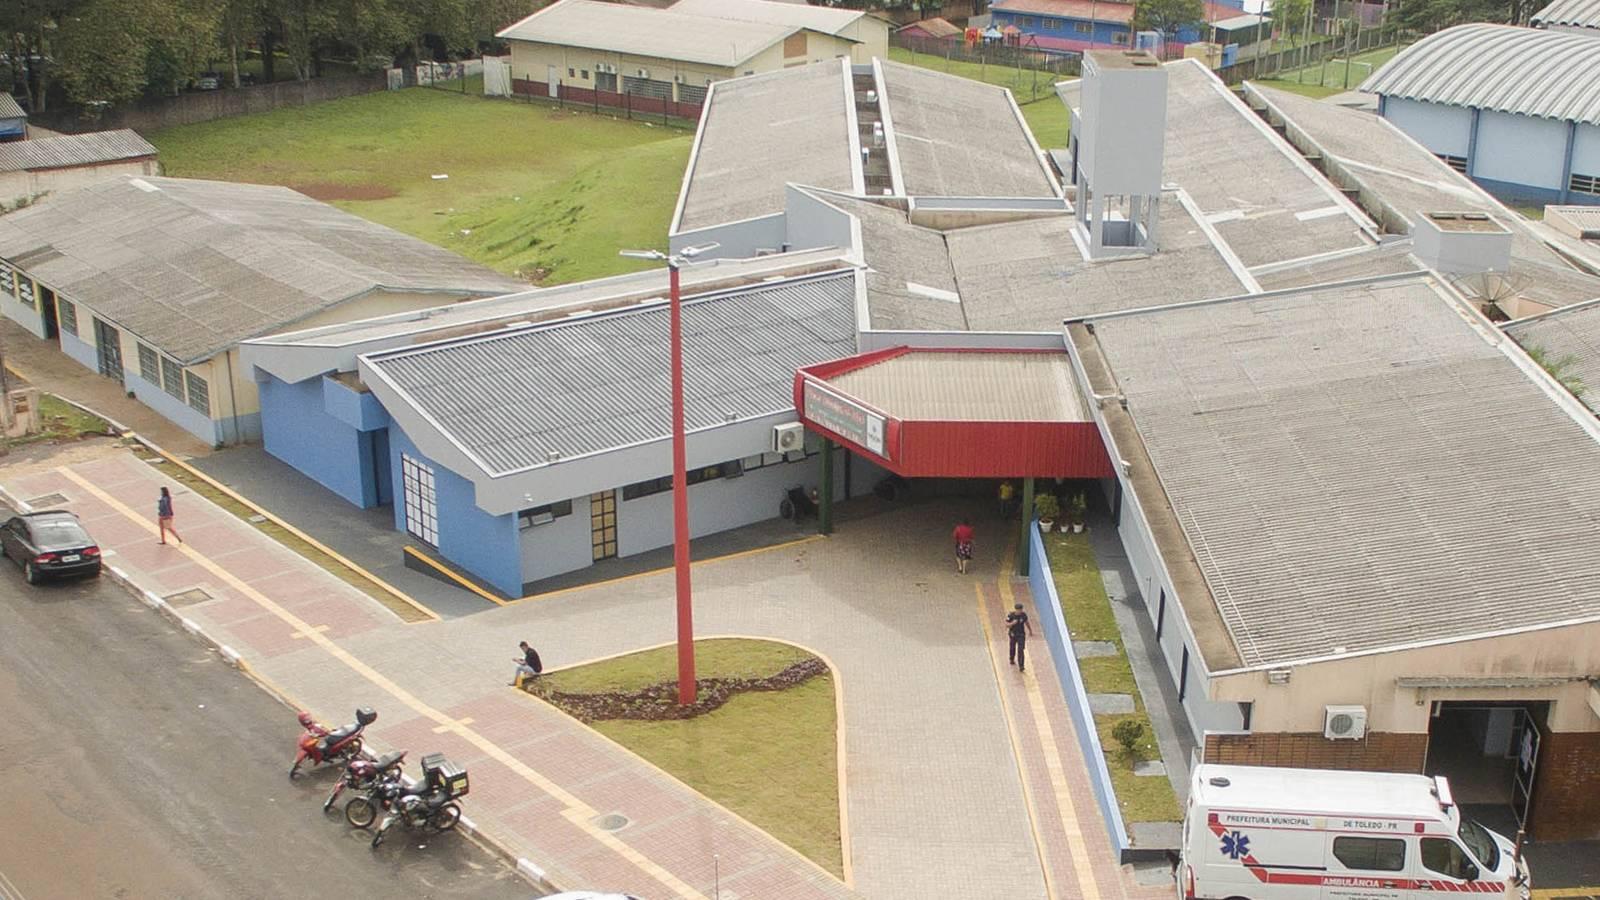 PAM de Toledo atinge capacidade máxima de pacientes intubados